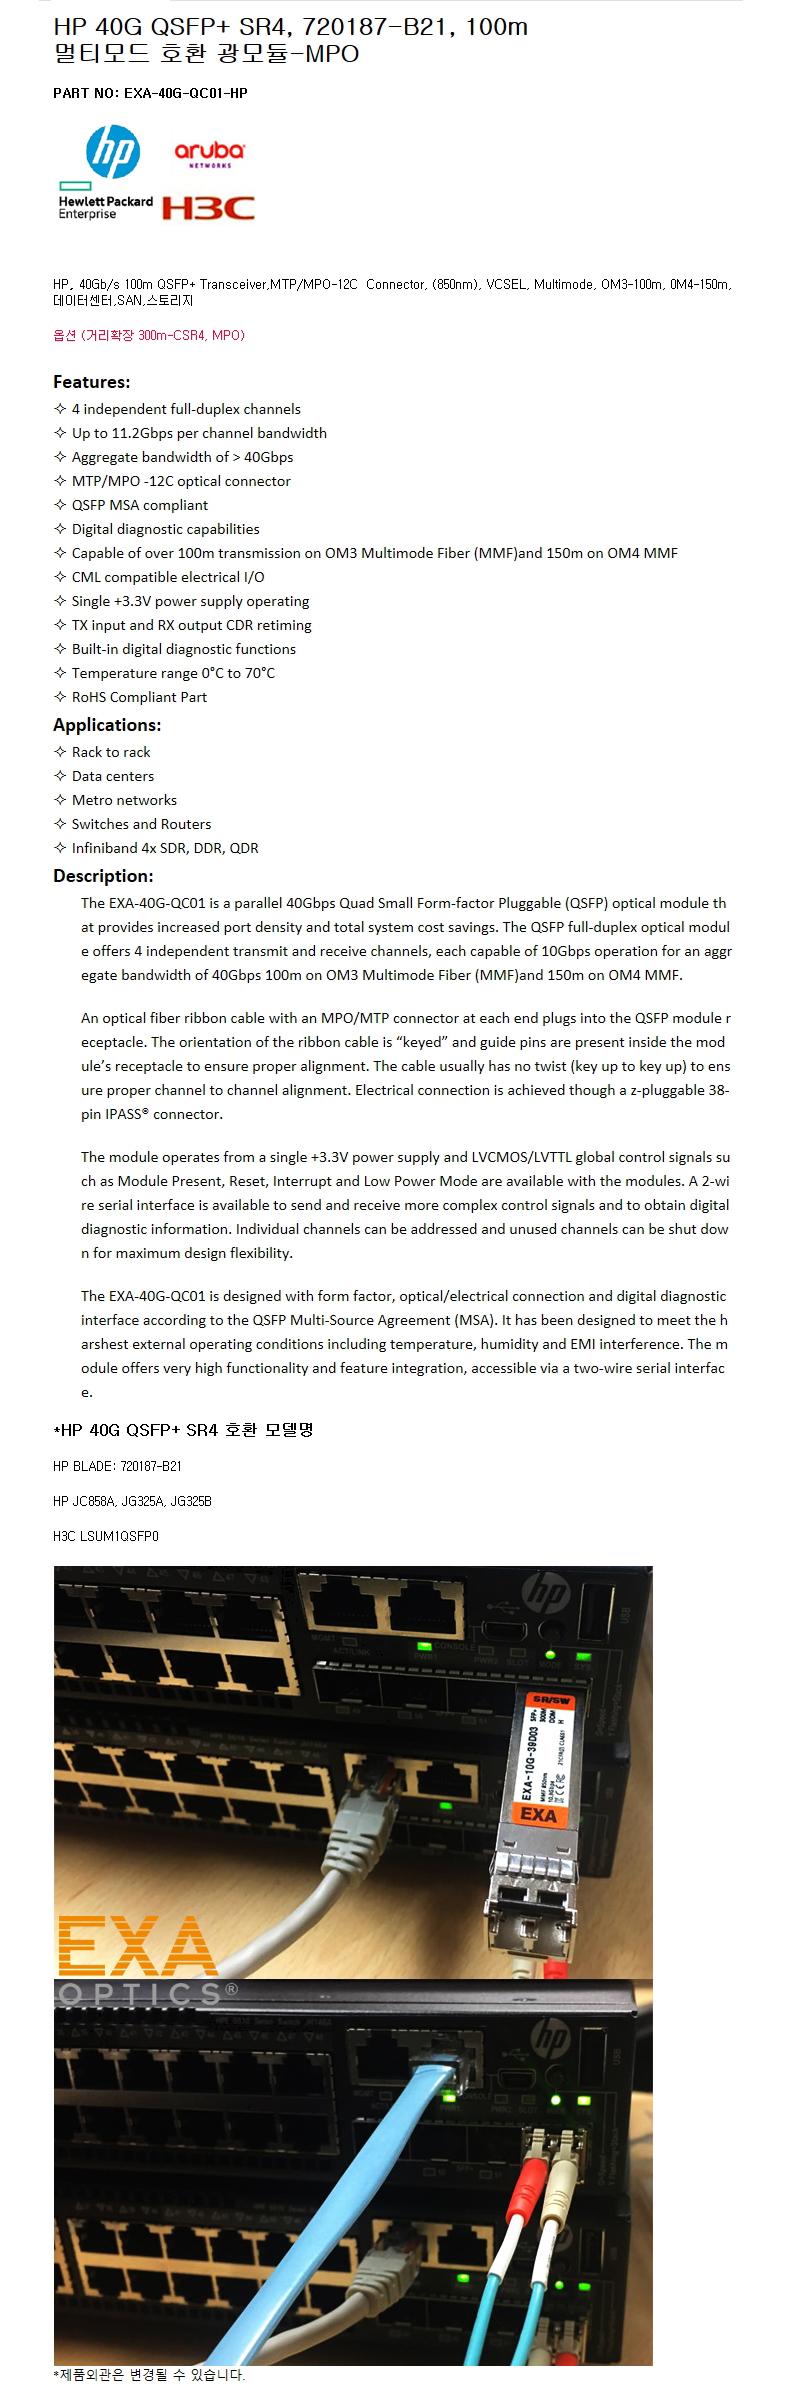 HP QSFP+ SR4 720187-B21 Compatible Transceiver